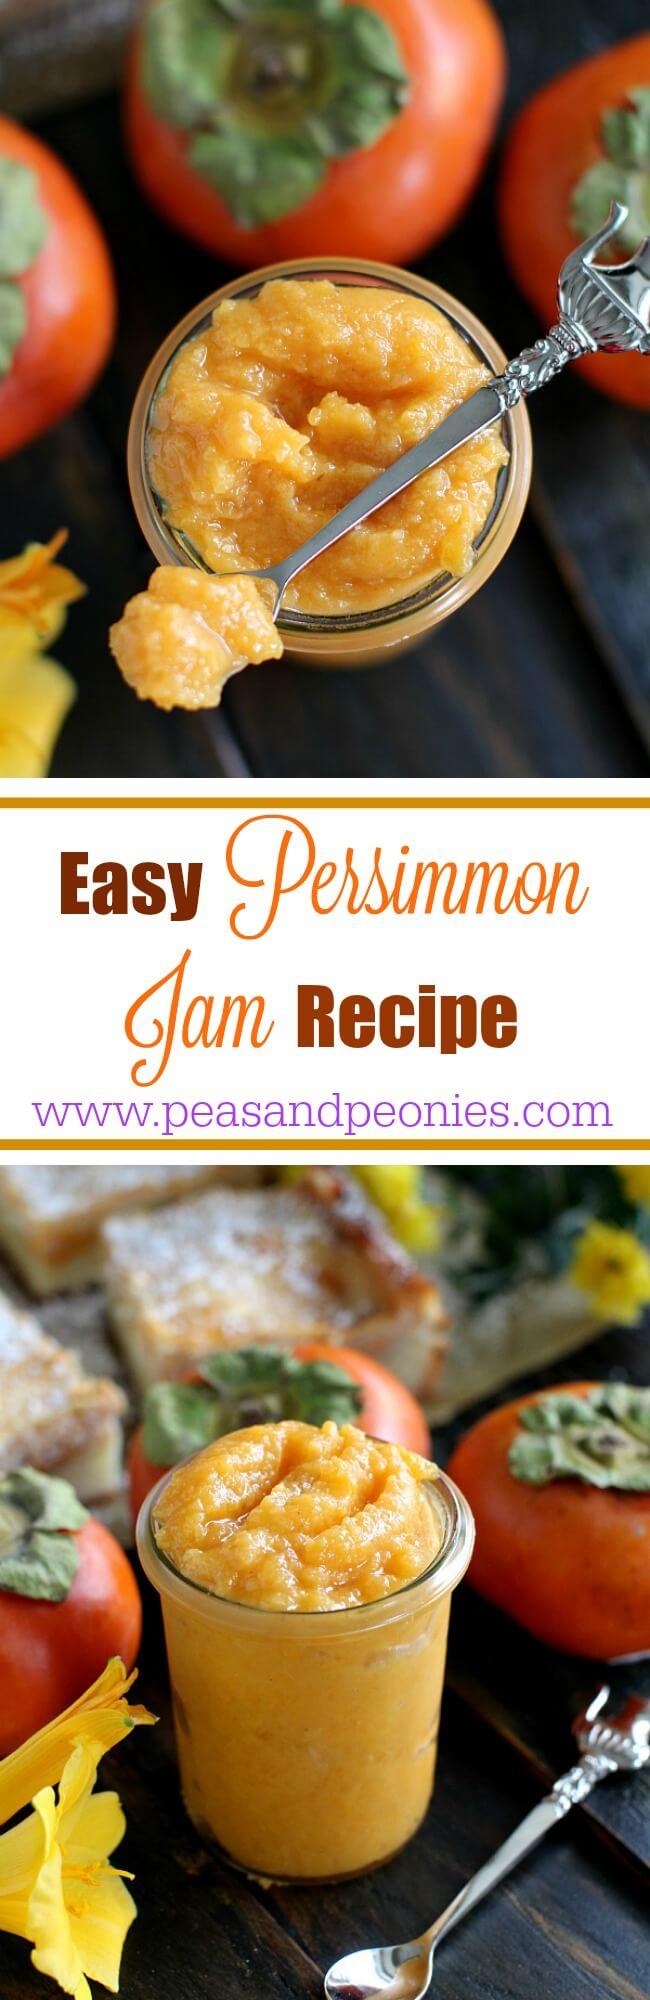 easy Persimmon Jam recipe